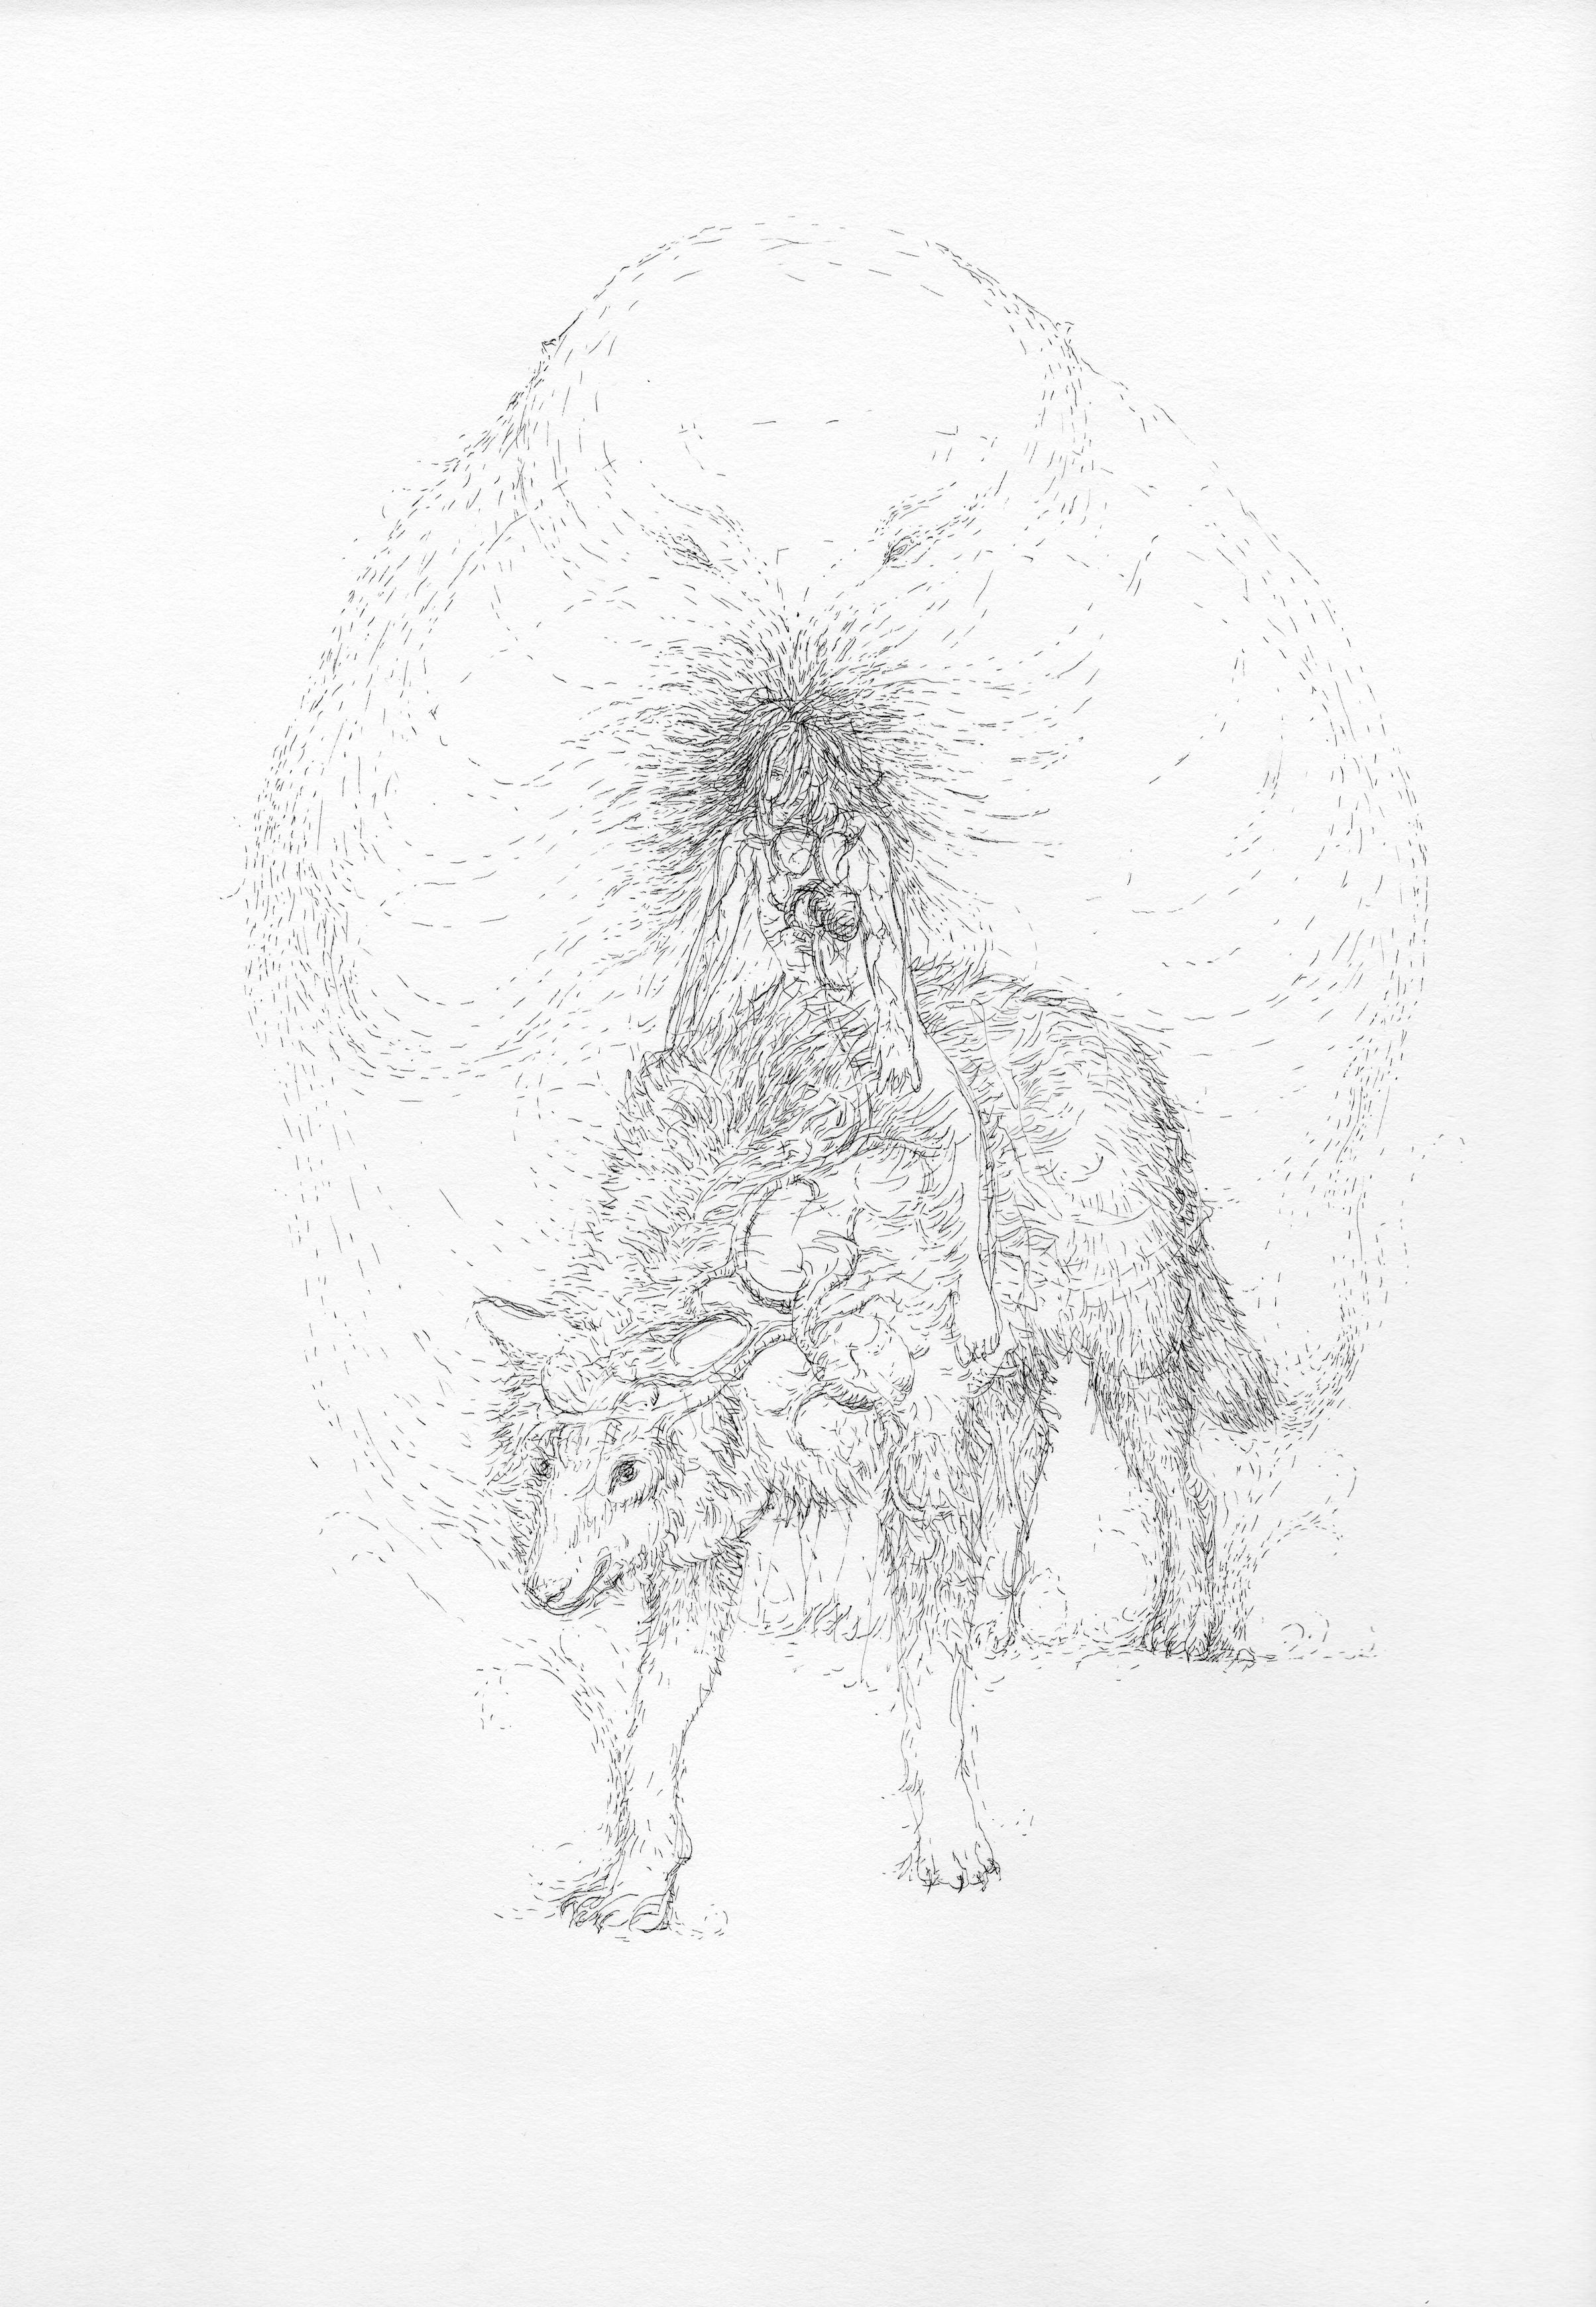 """© Nicolas Darrot, """"Sans titre"""" (082), encre de Chine sur papier, 39,7x42 cm, 2019."""